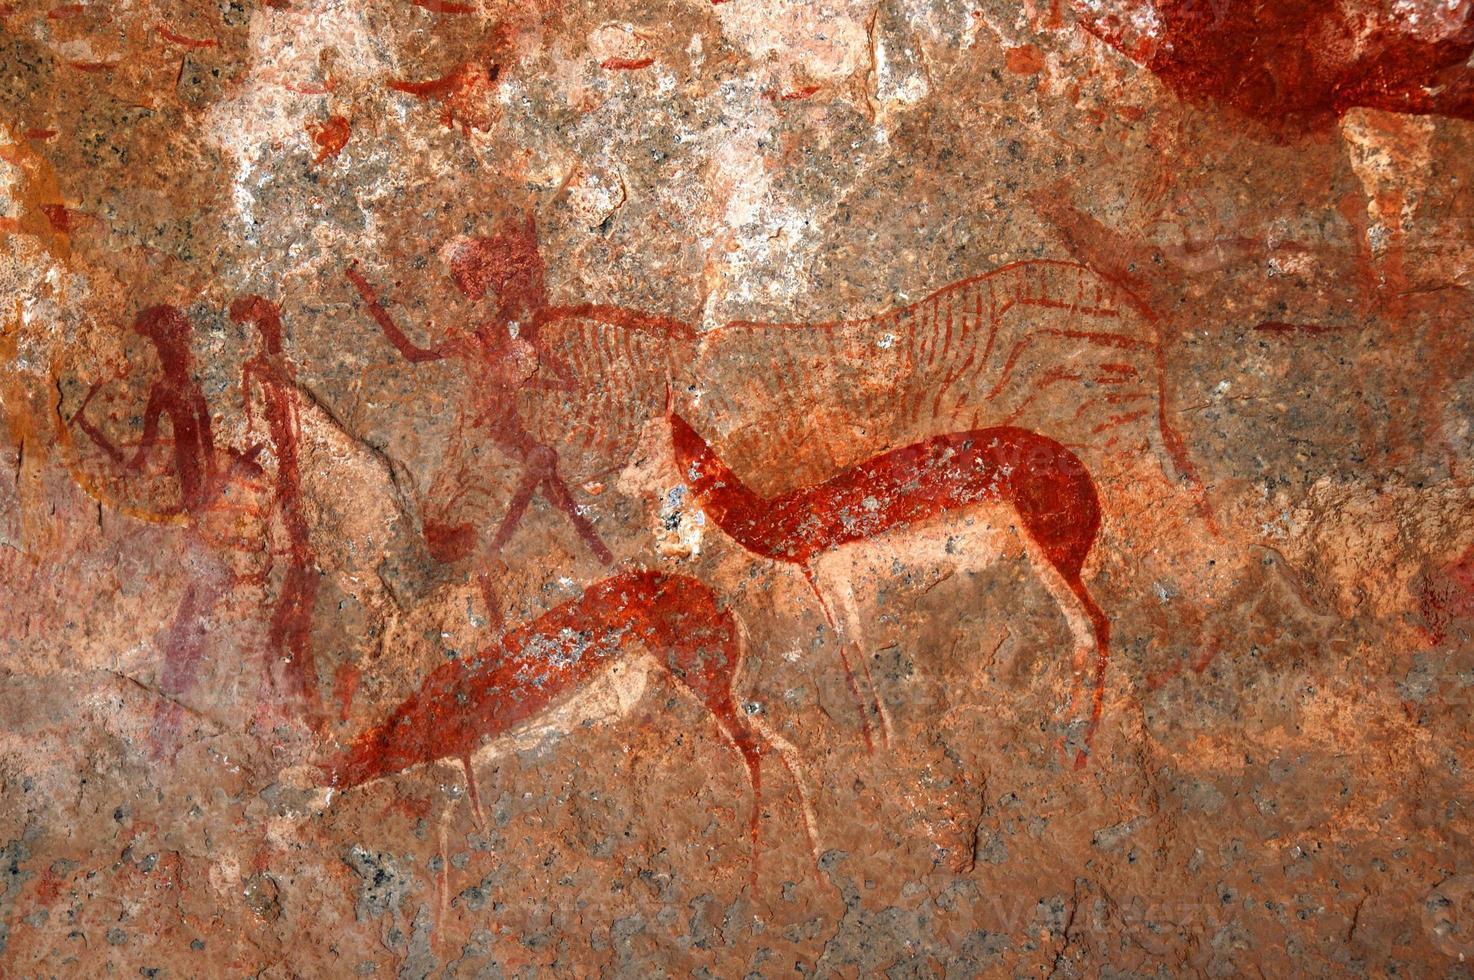 boscimani dipinti e arte rupestre foto